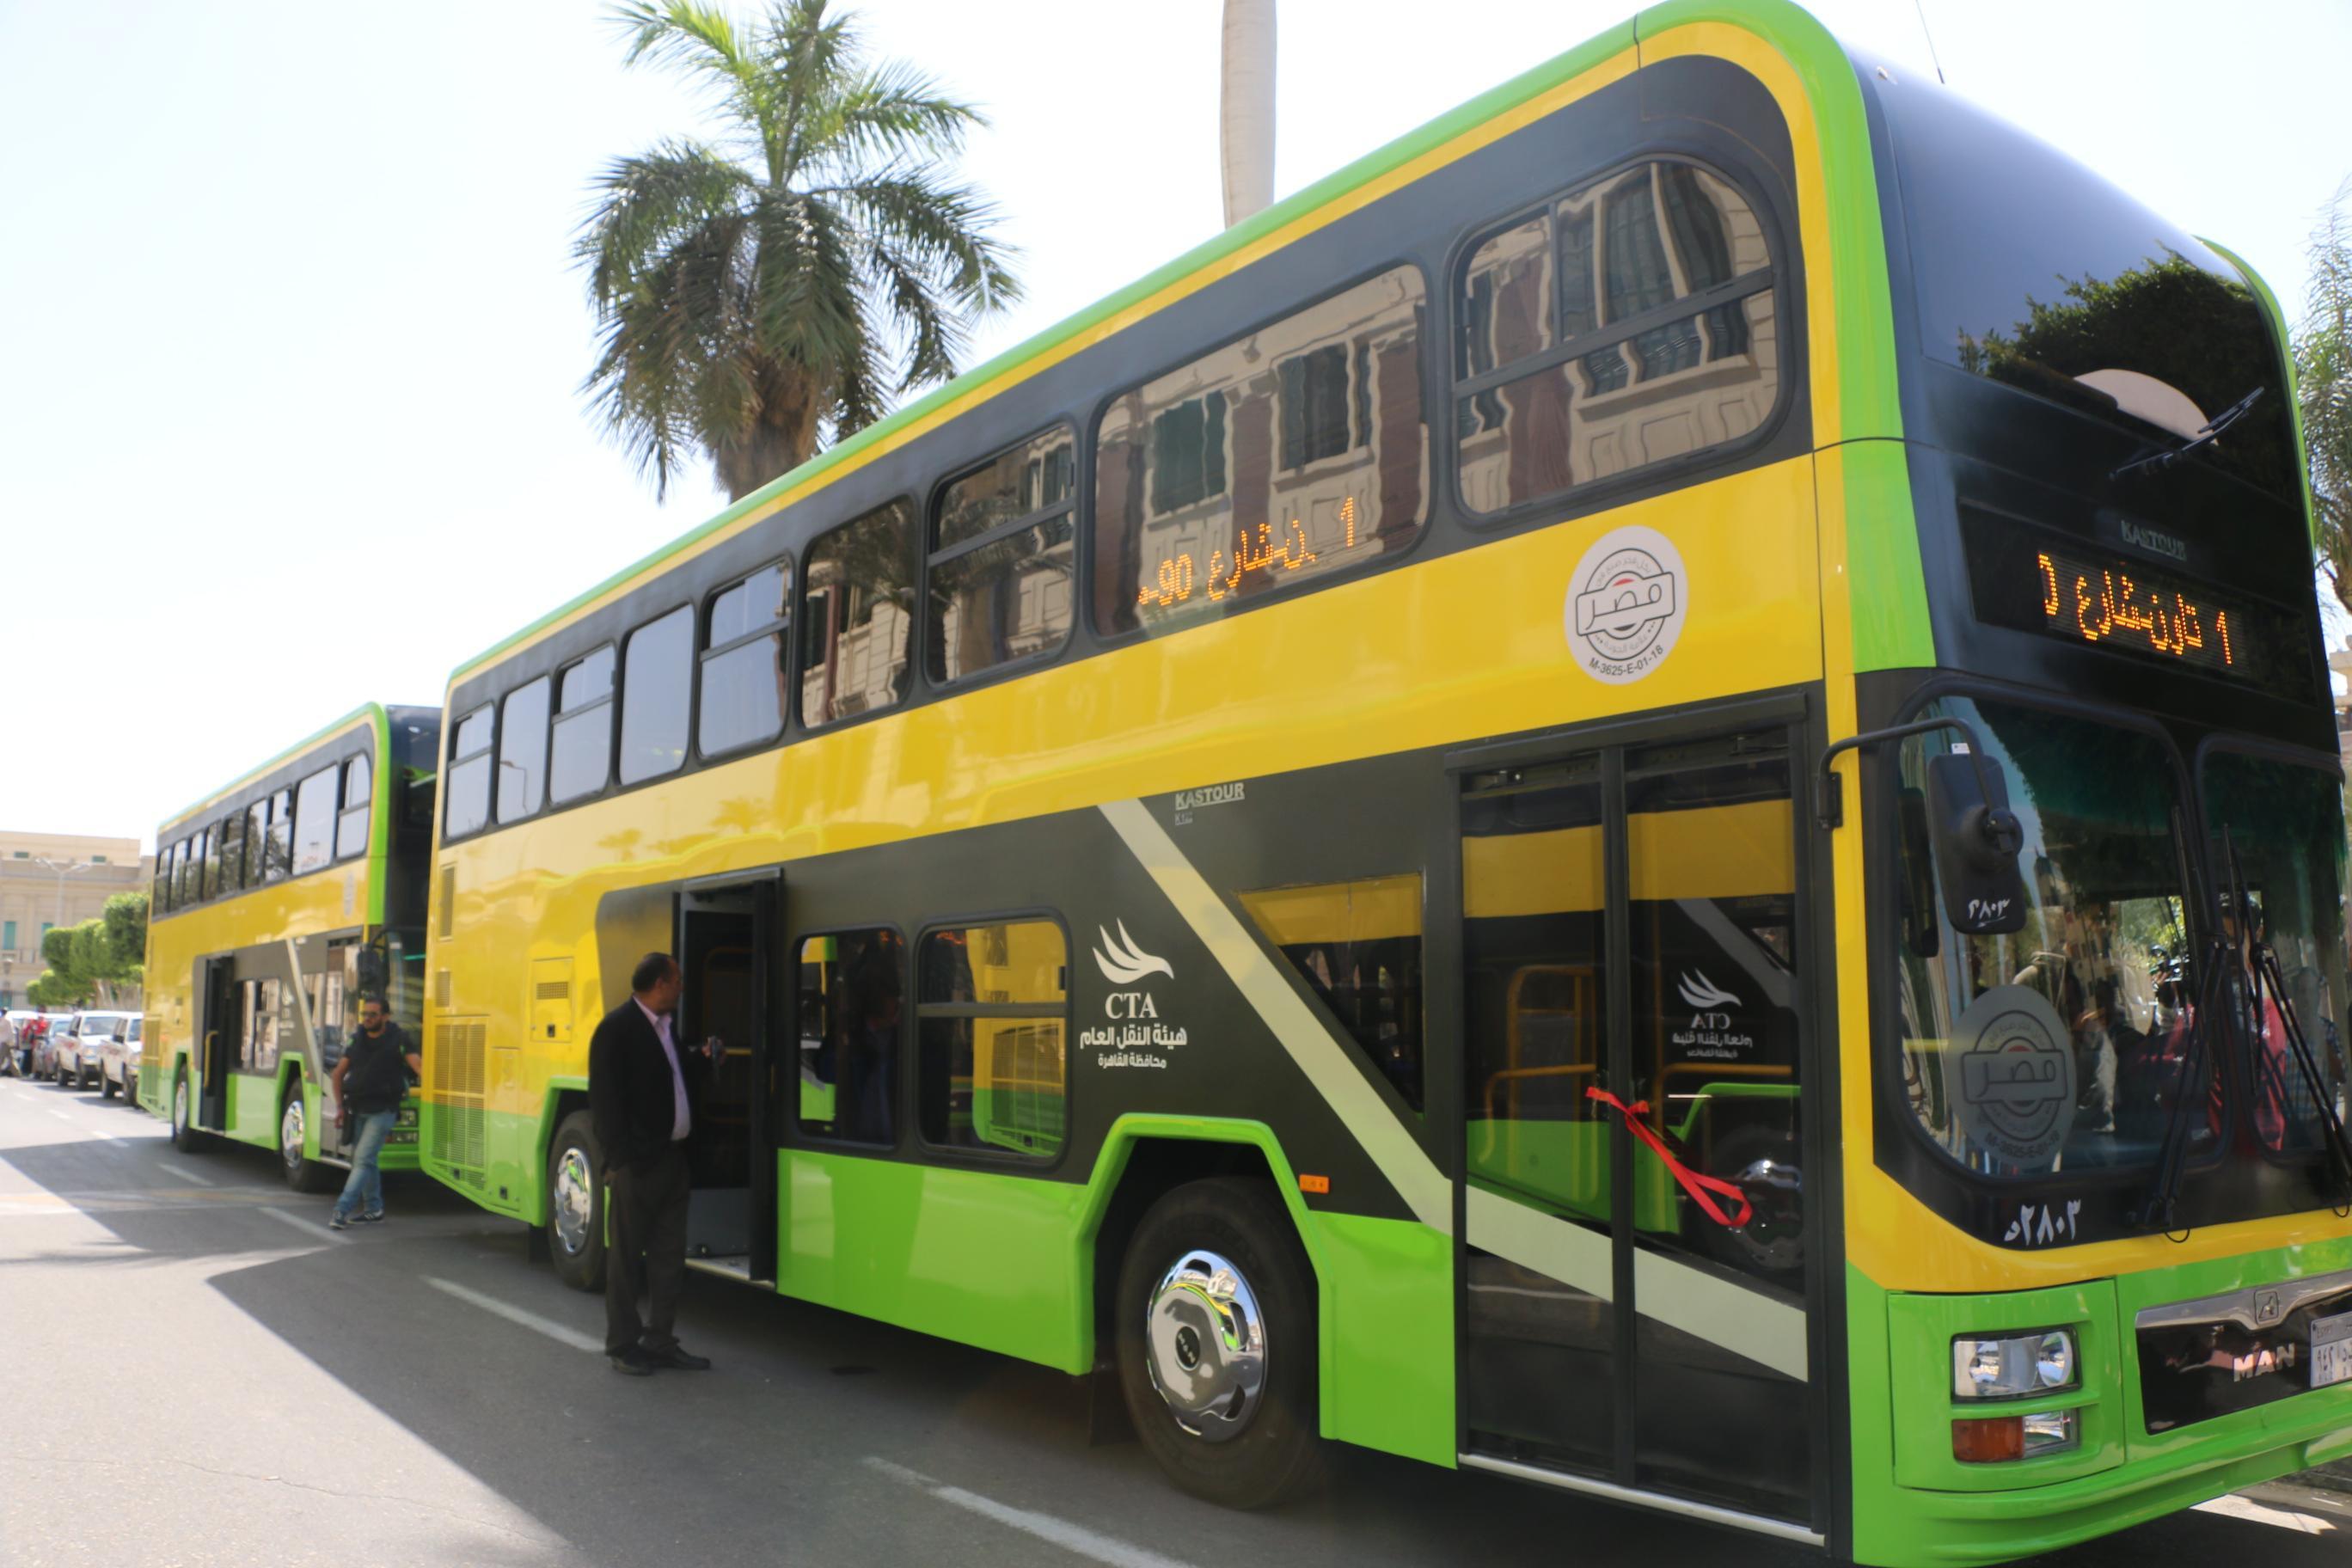 النقل العام تطرح 20 أتوبيسًا جديدًا لربط مدينة الشروق بالقاهرة